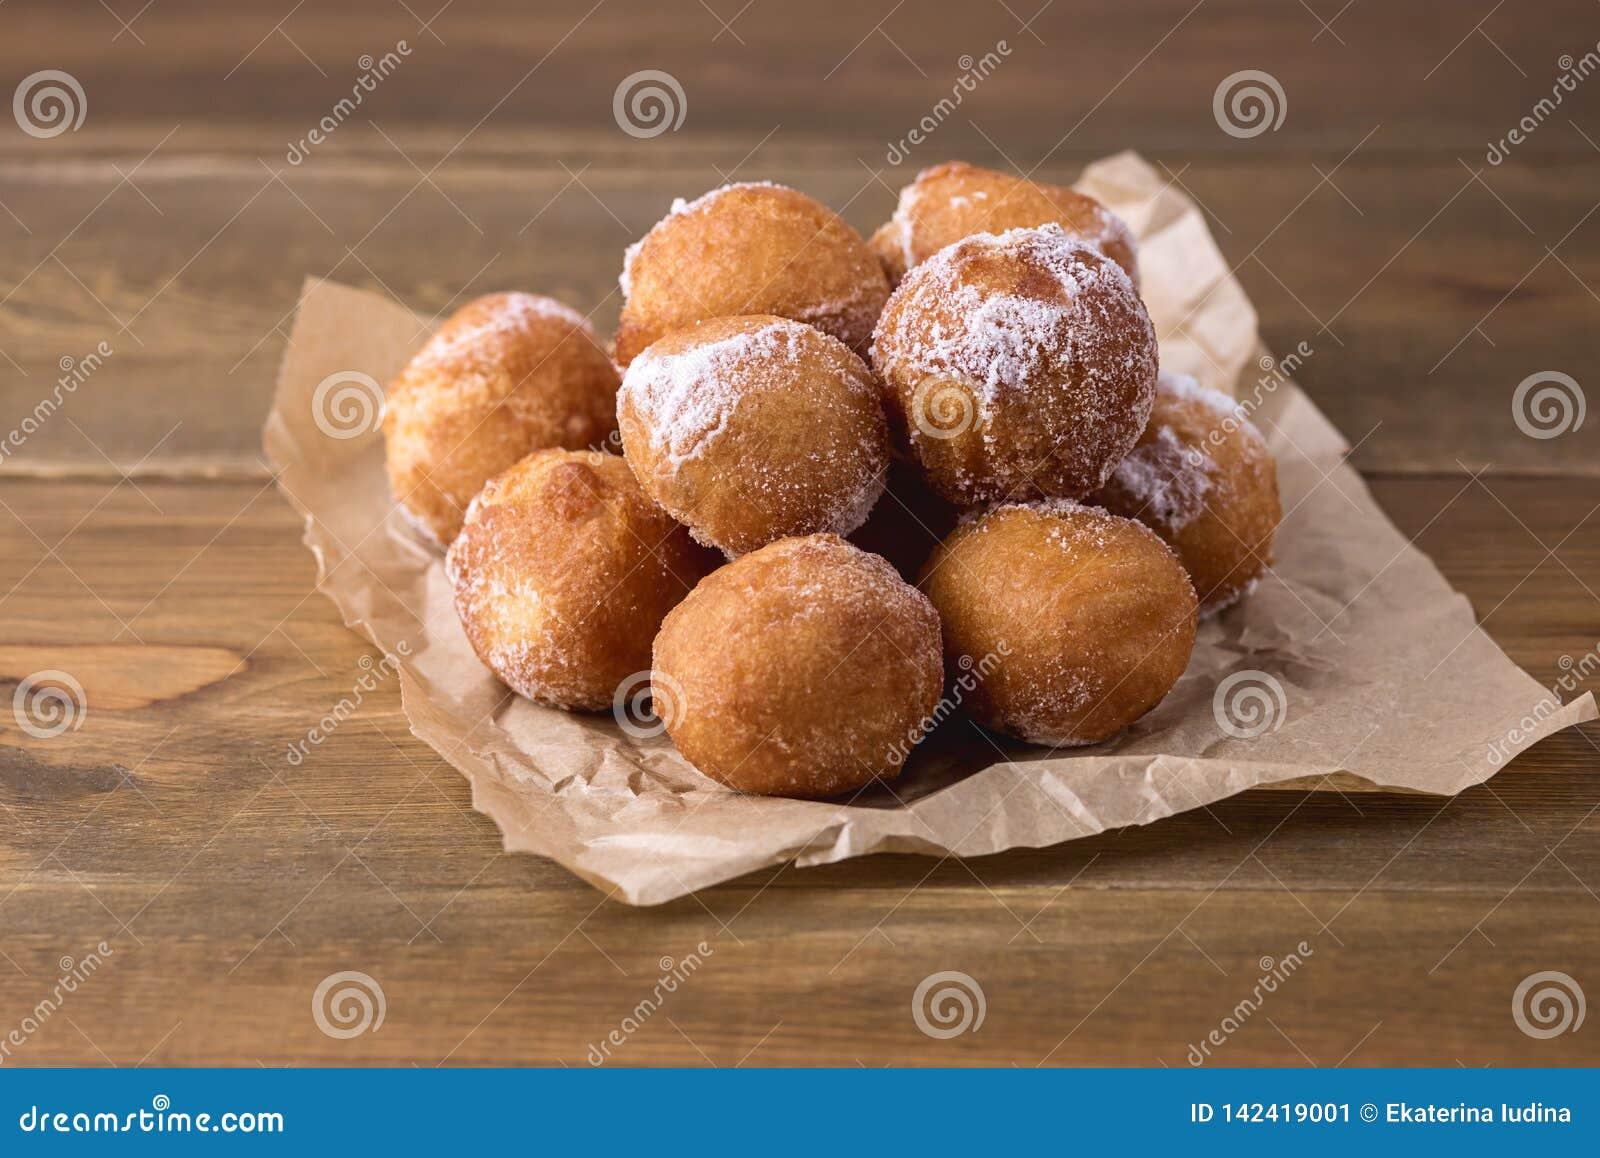 Butées toriques faites maison savoureuses de fromage blanc en espace de copie de Sugar Powder Wooden Background Donuts horizontal